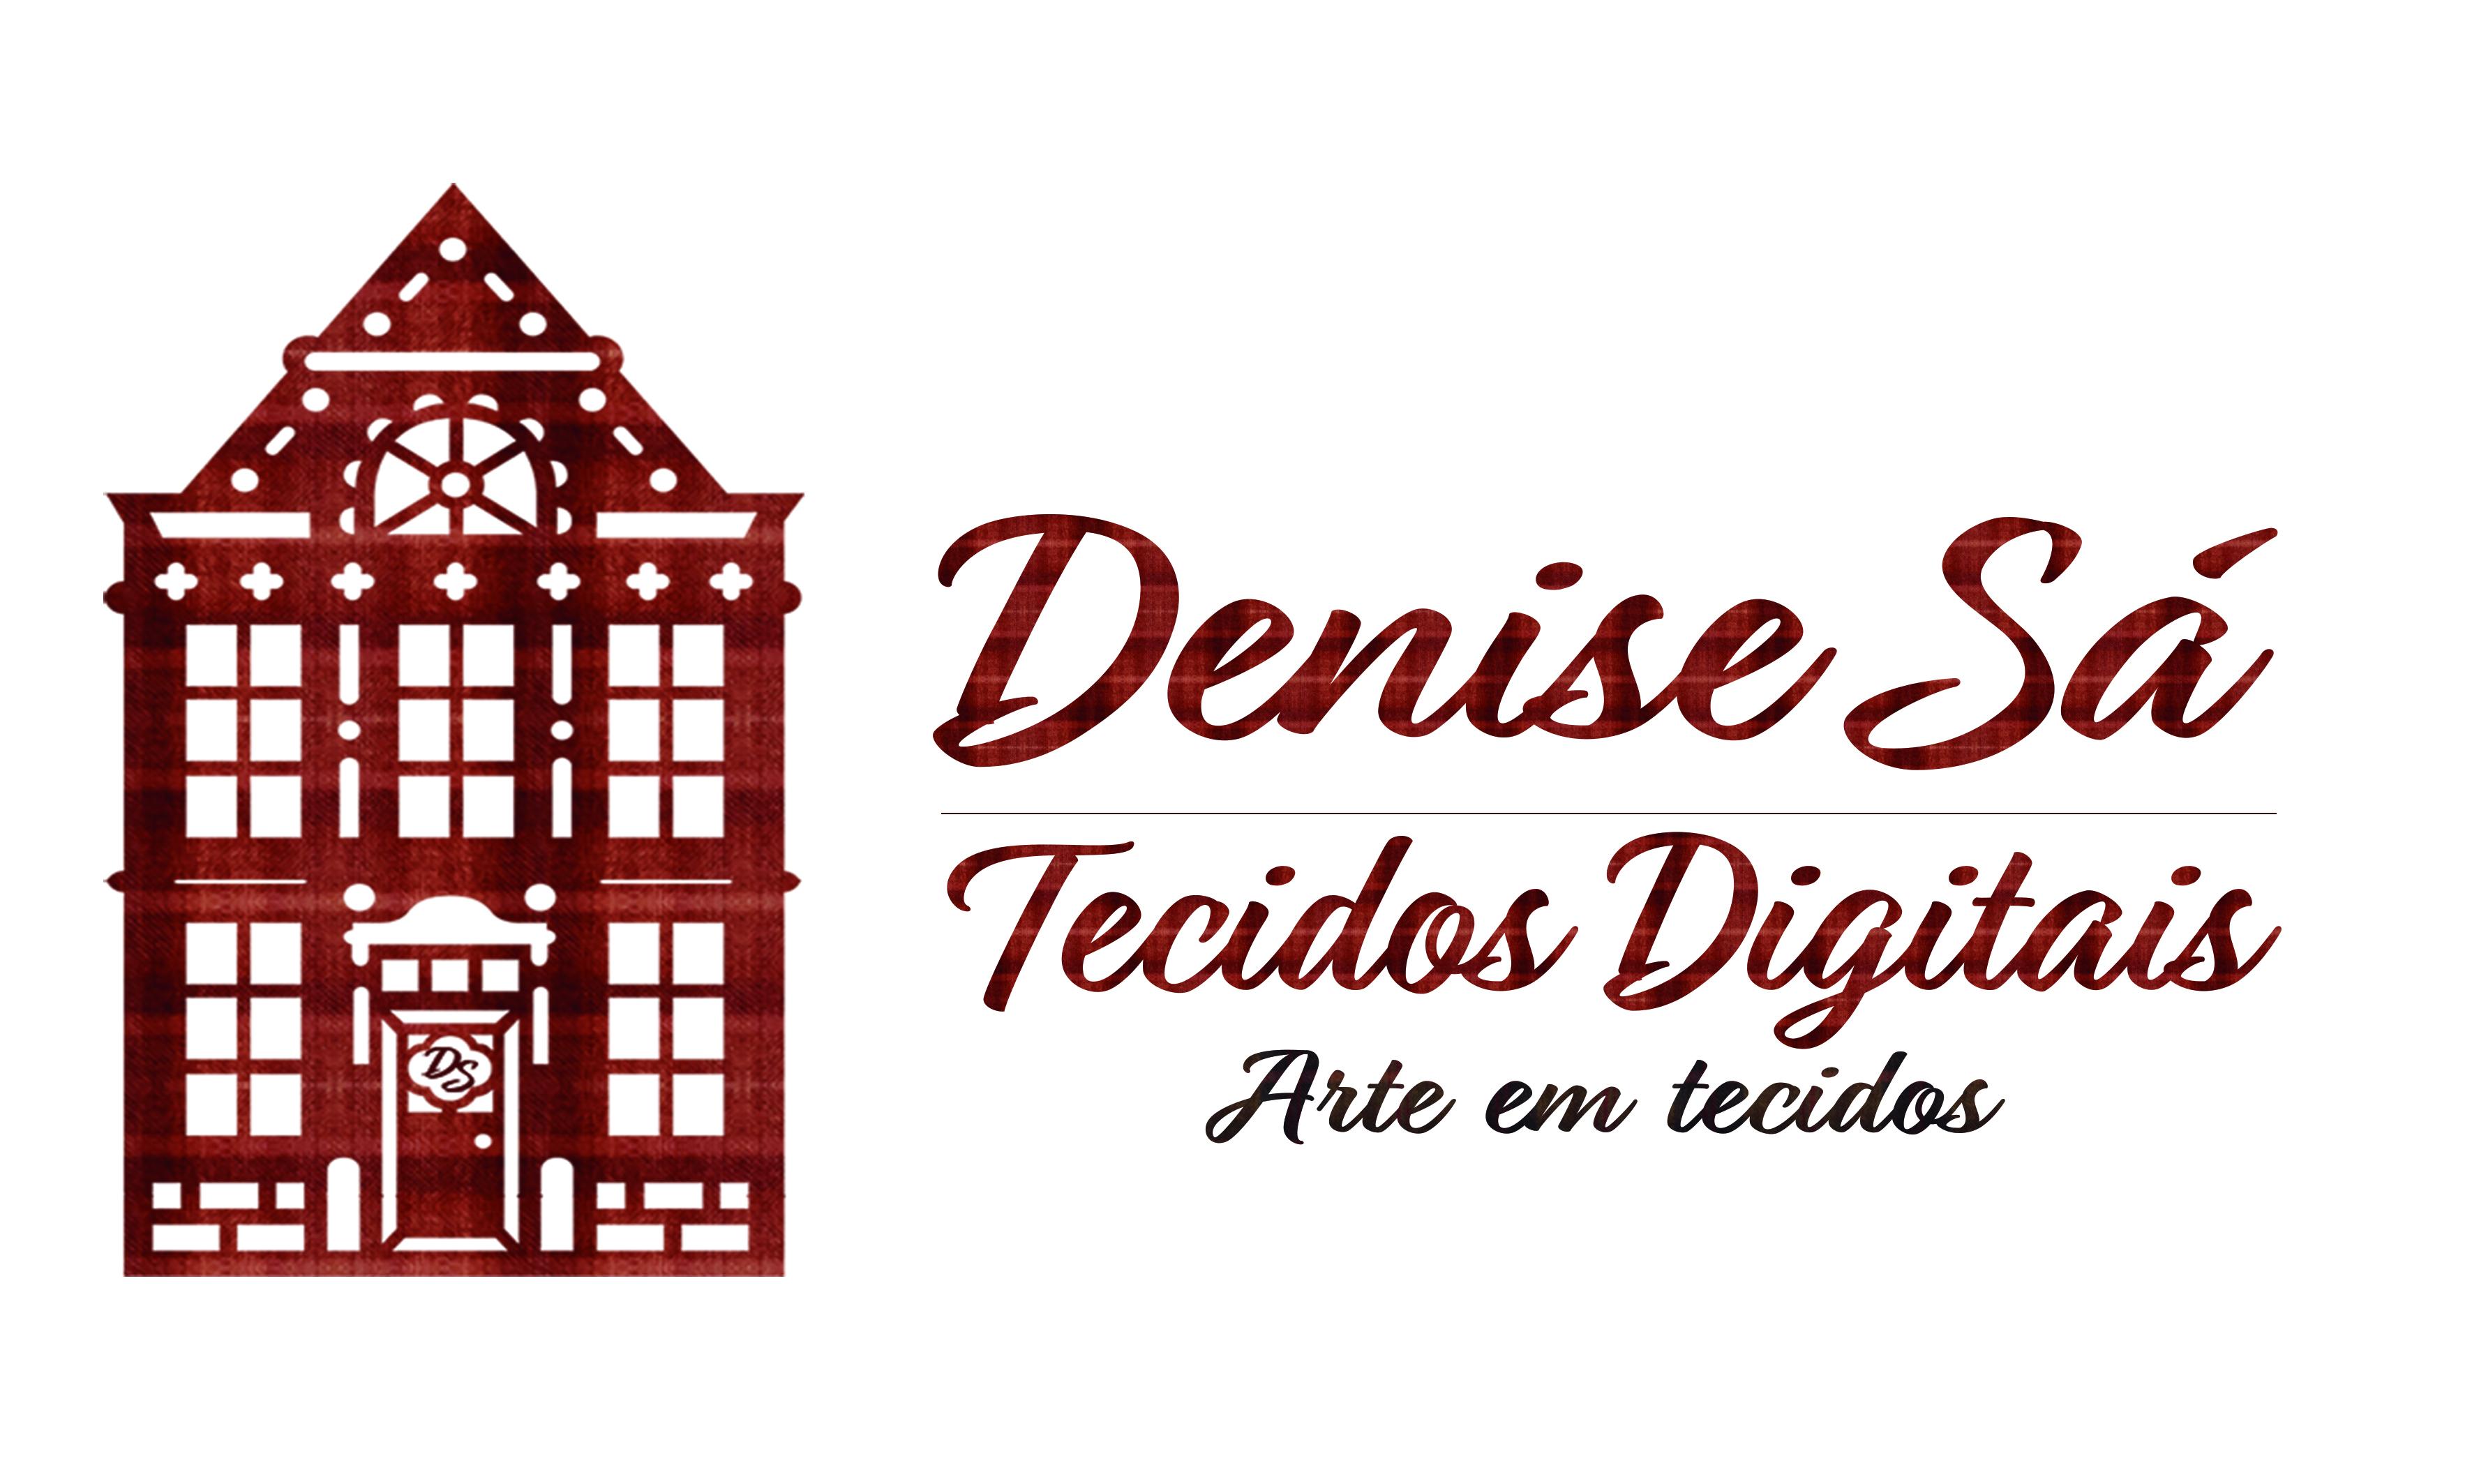 Denise Sá Tecidos Digitais